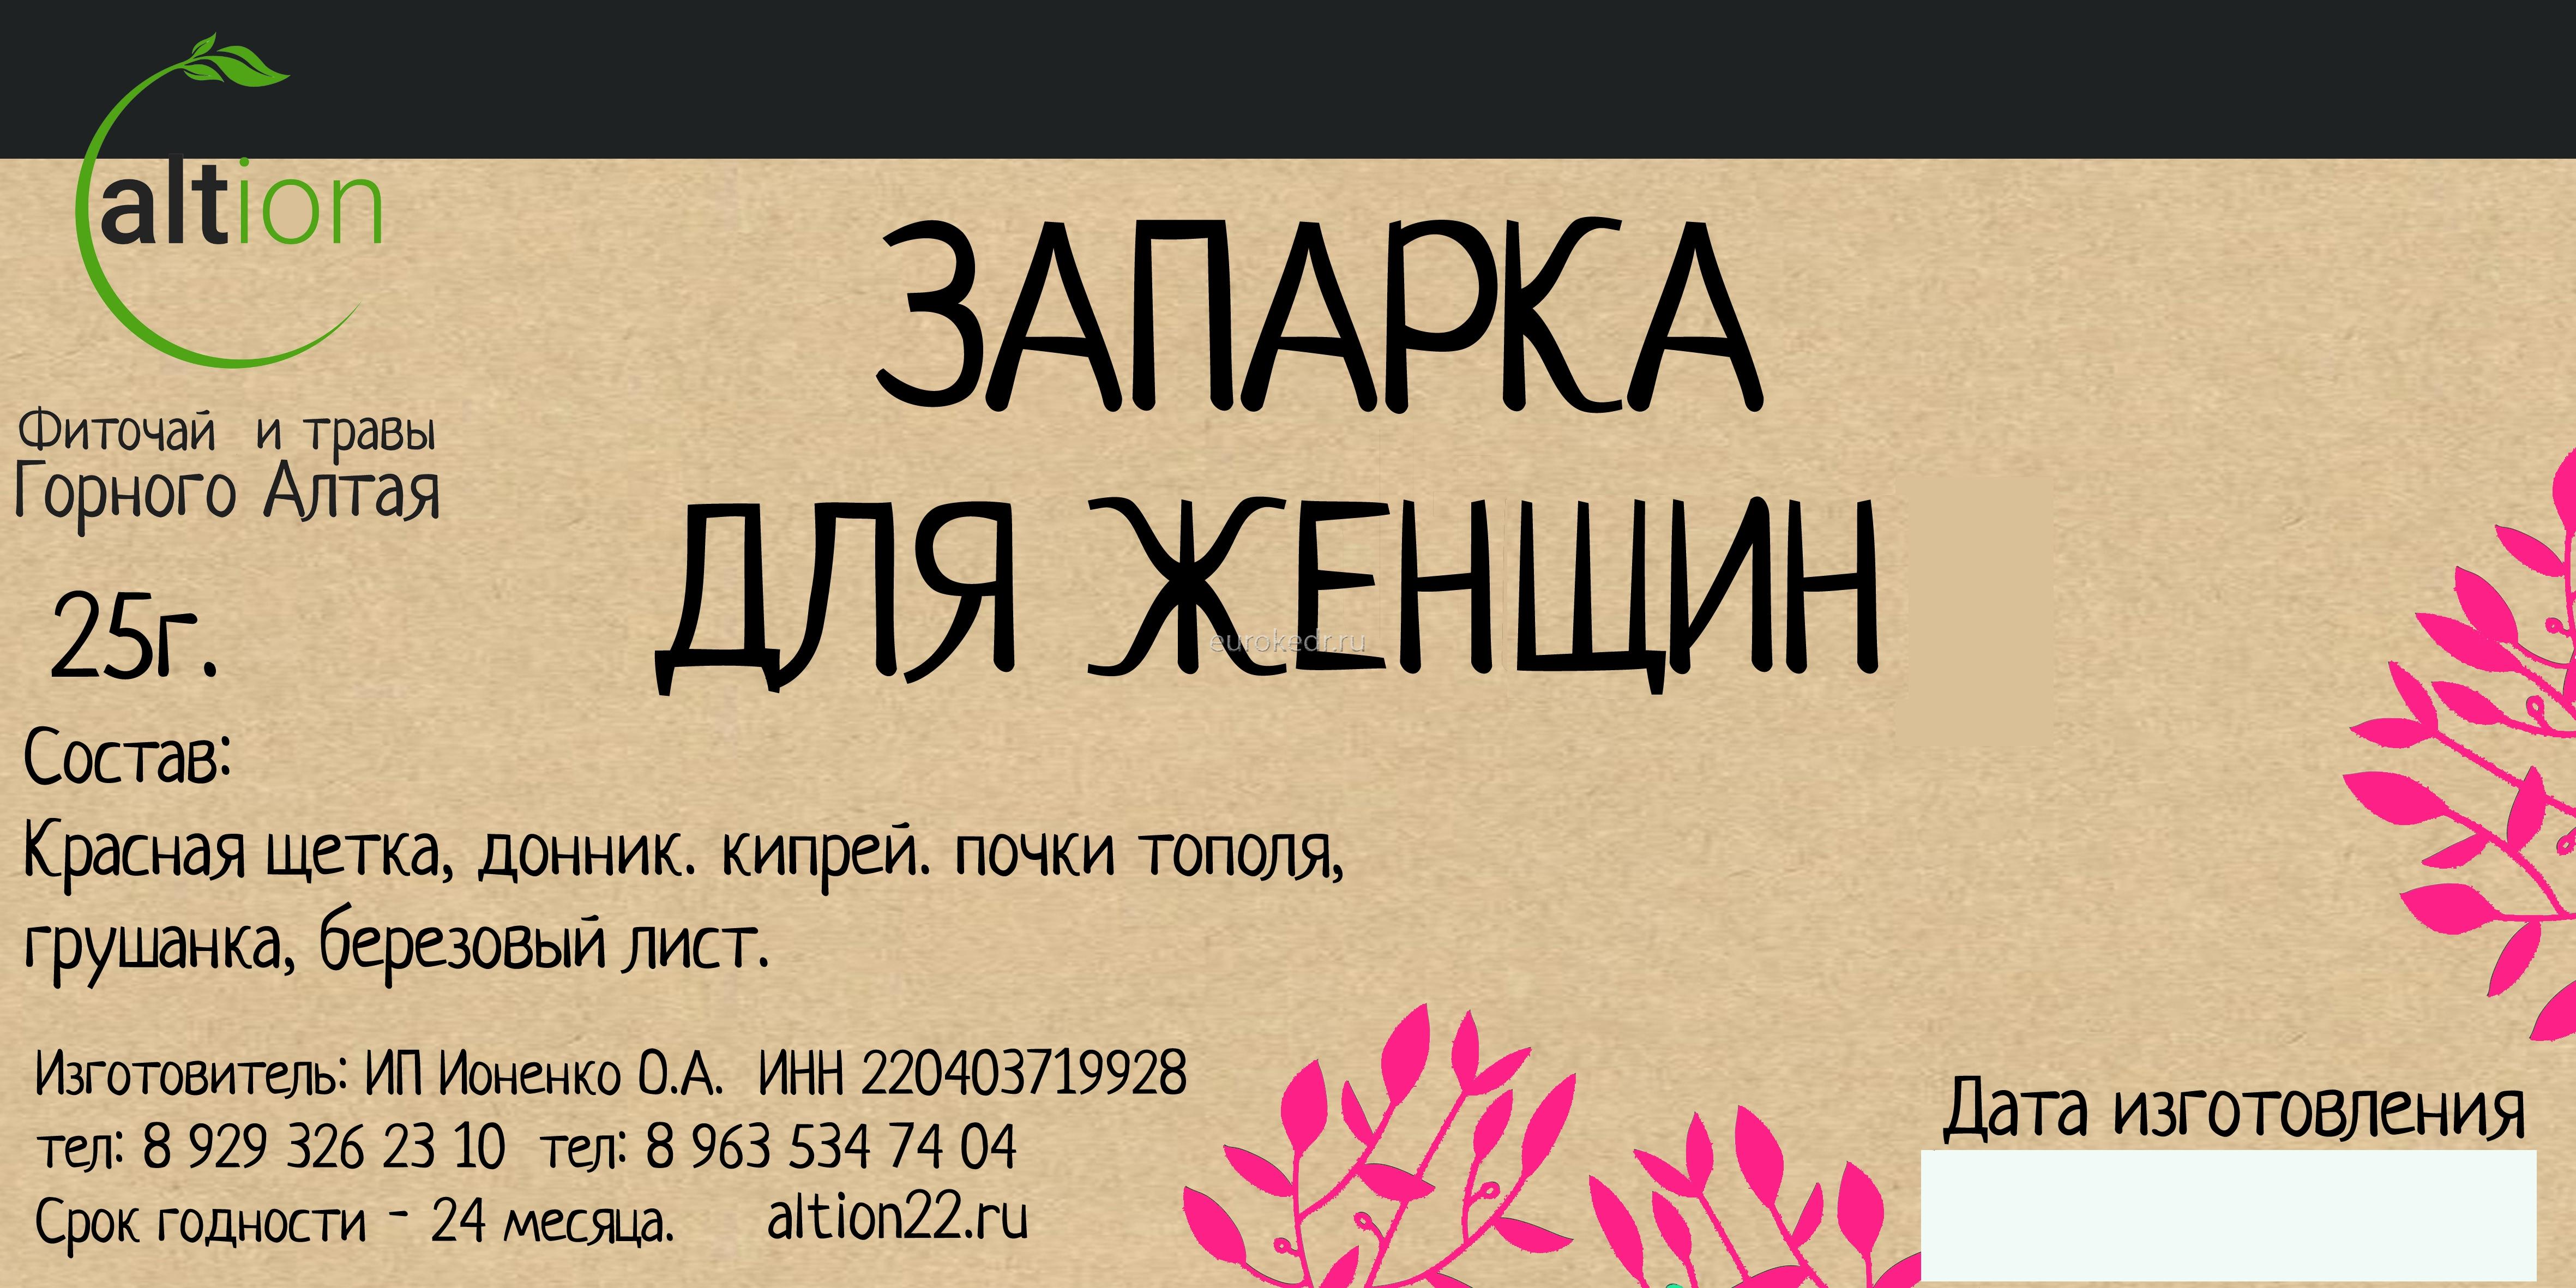 """Фитозапарка для бань, ванн и фитобочек """"Для женщин"""""""